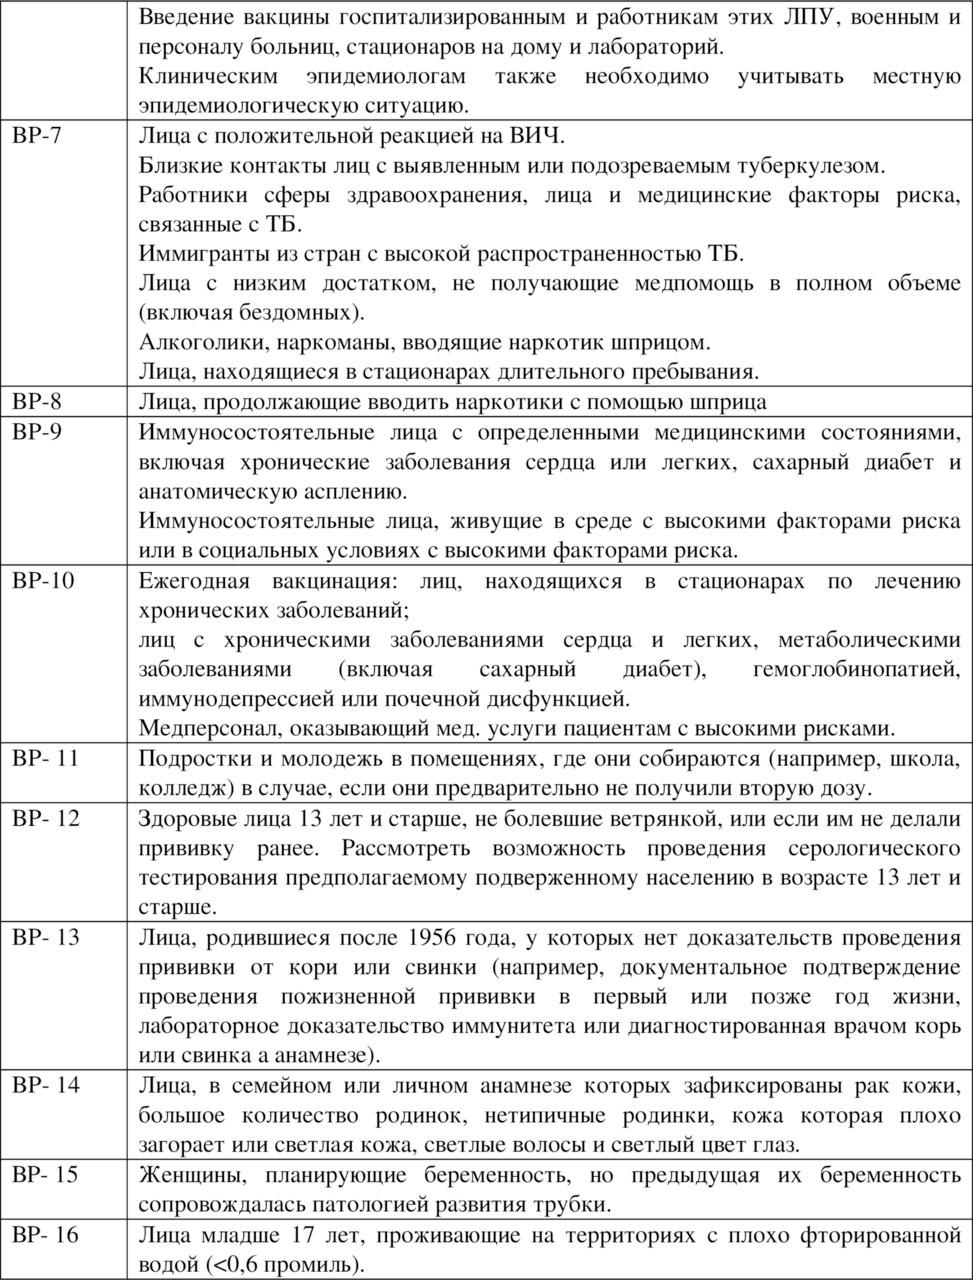 форма 16 сведения о числе заболеваний бланк